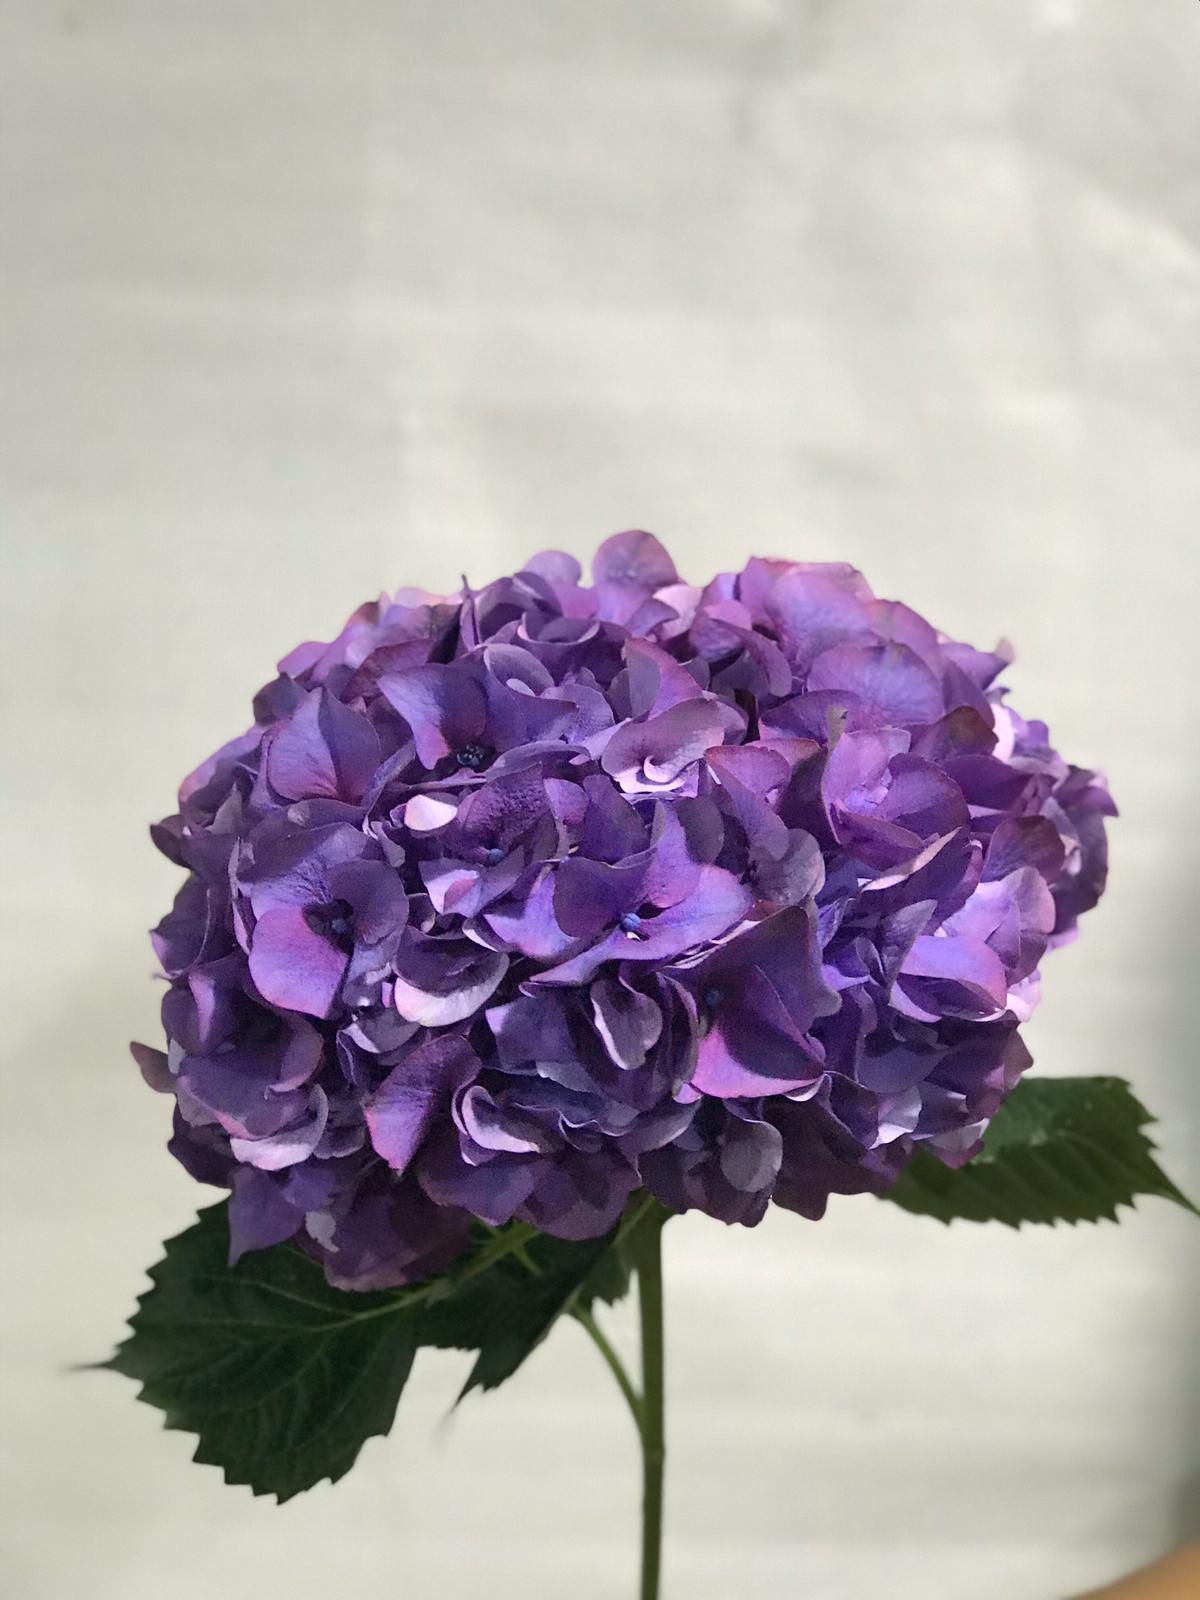 Hydrangea Dark Purple 'Wholesale Flowers Cut Flowers